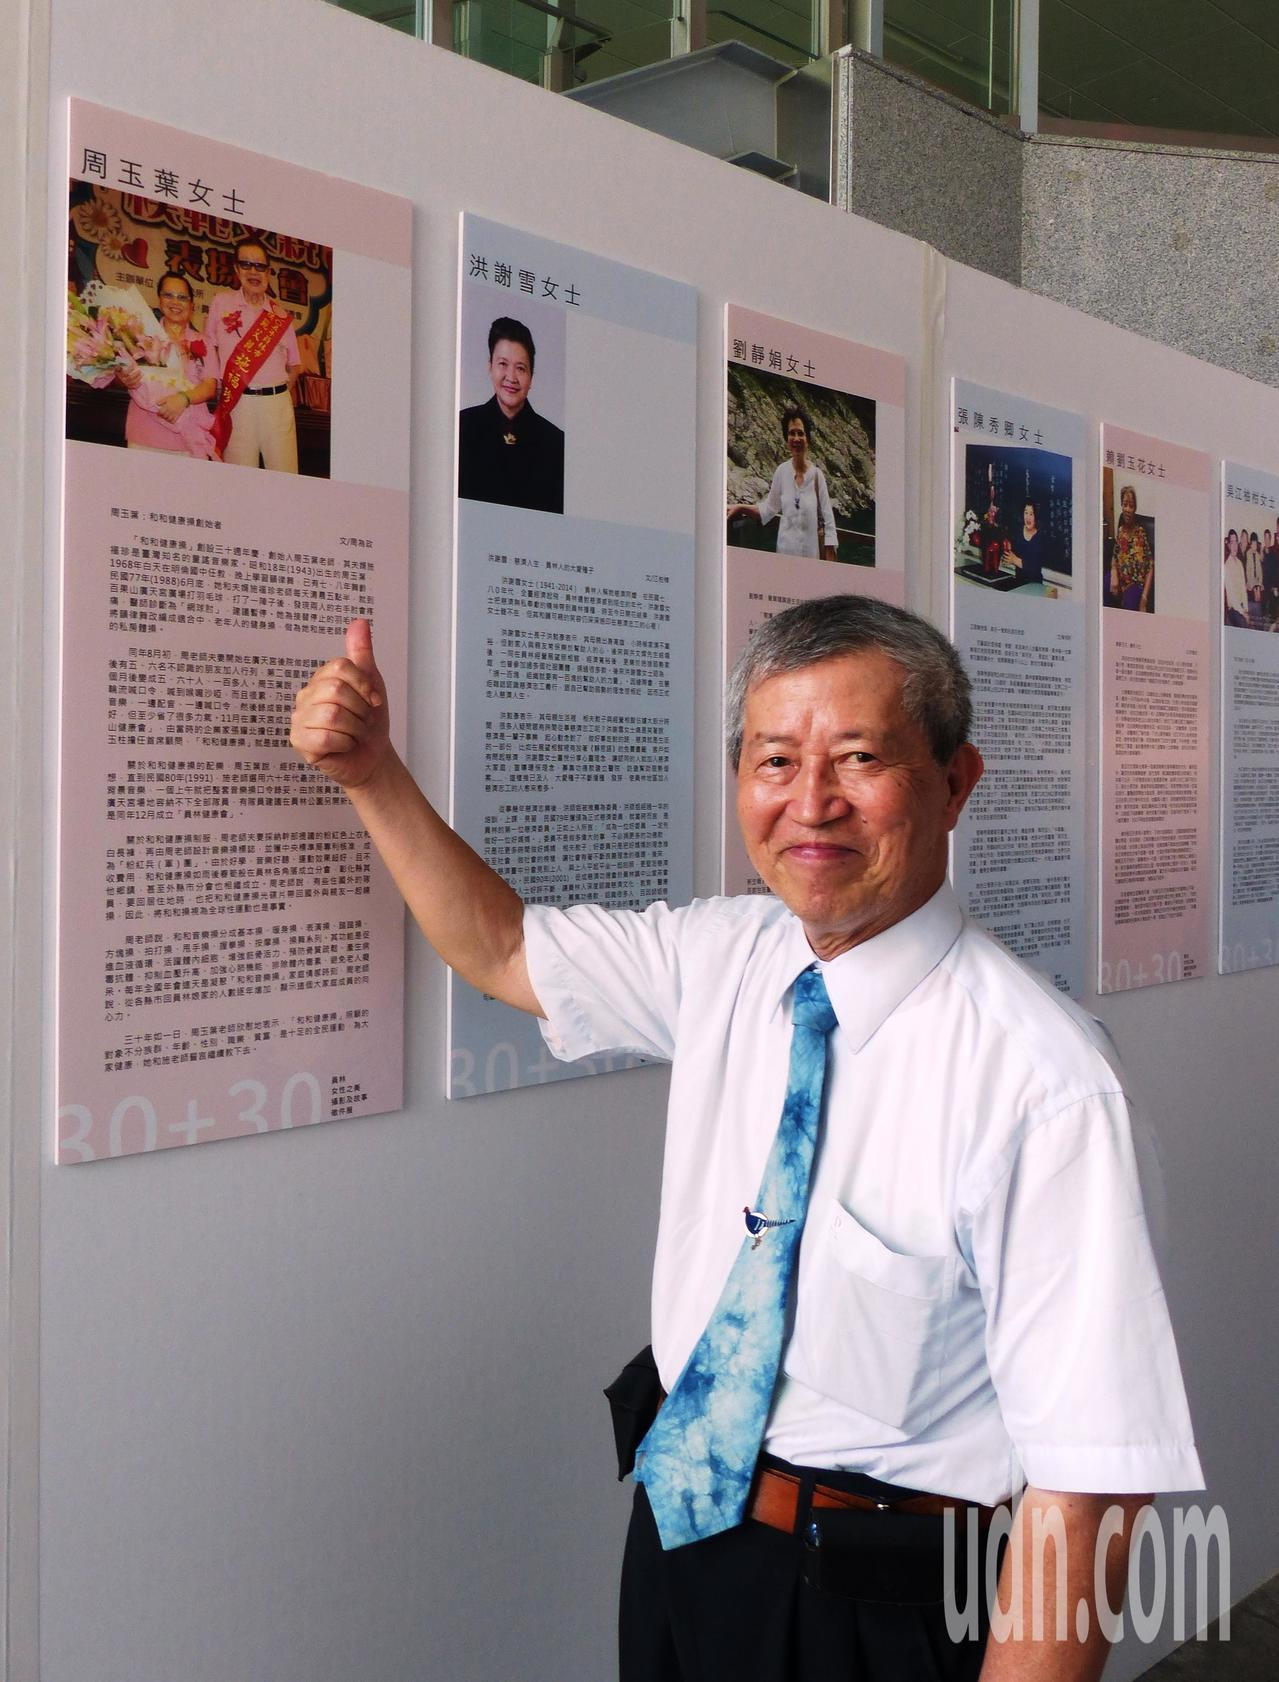 半線文教基金會董事長、台灣文獻館前館長劉峯松認為女性貢獻多,應該讓更多人知道。記...